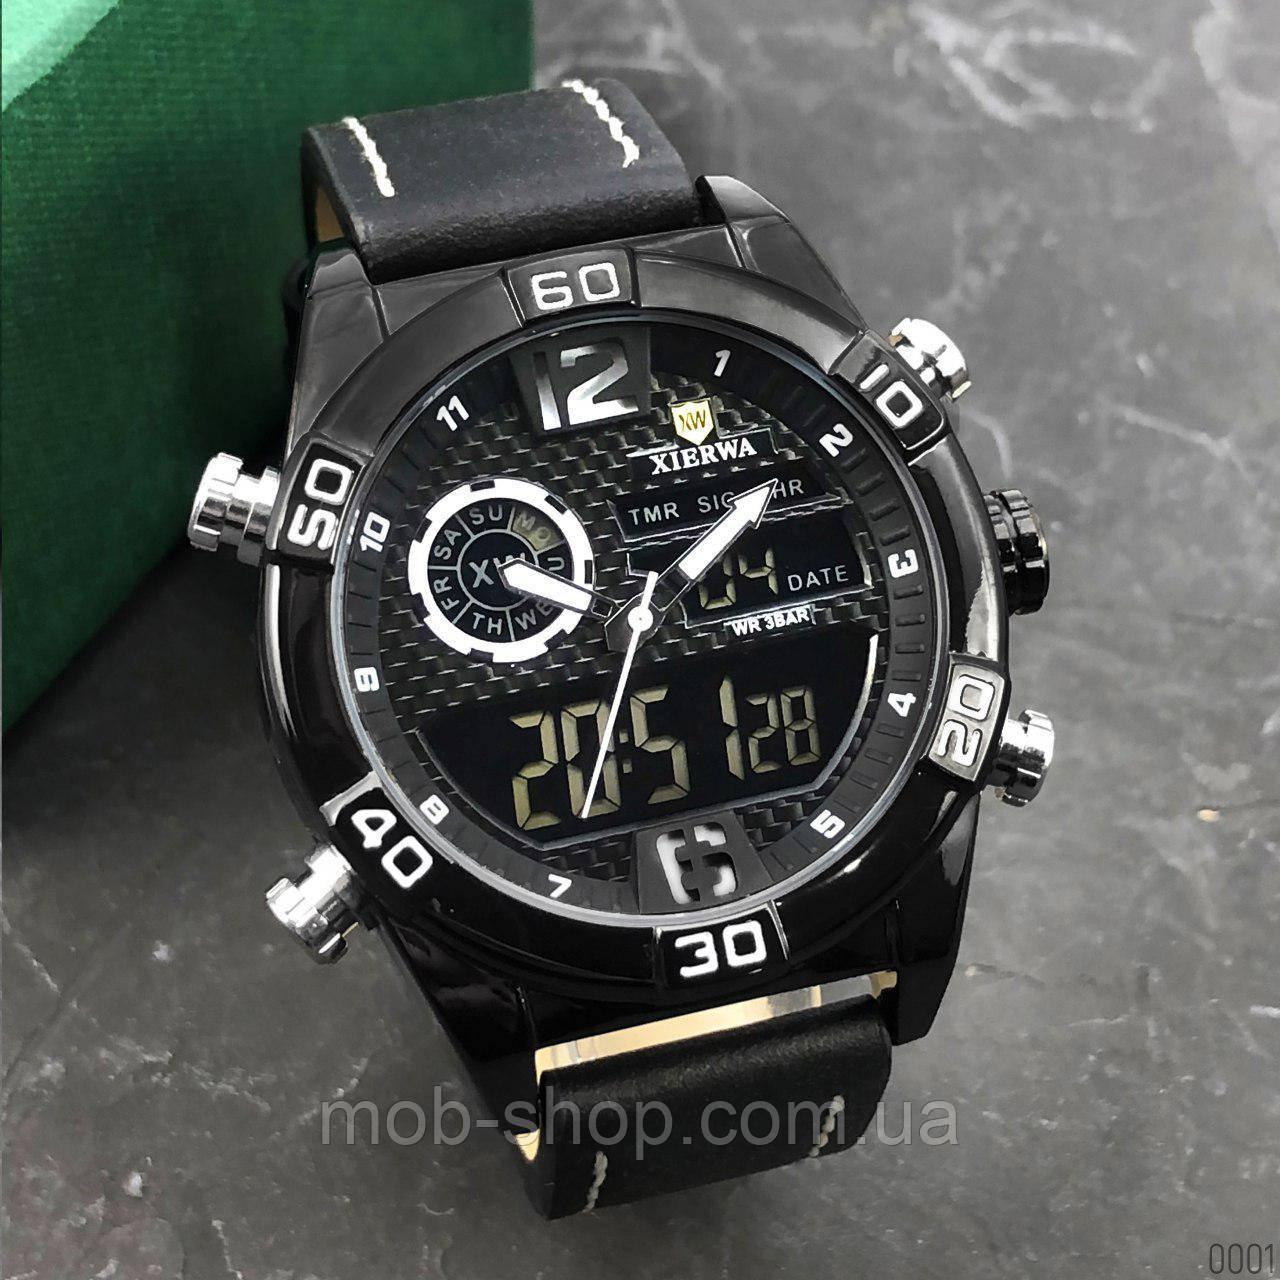 Наручные часы Xierwa XW-828 Цвета разные